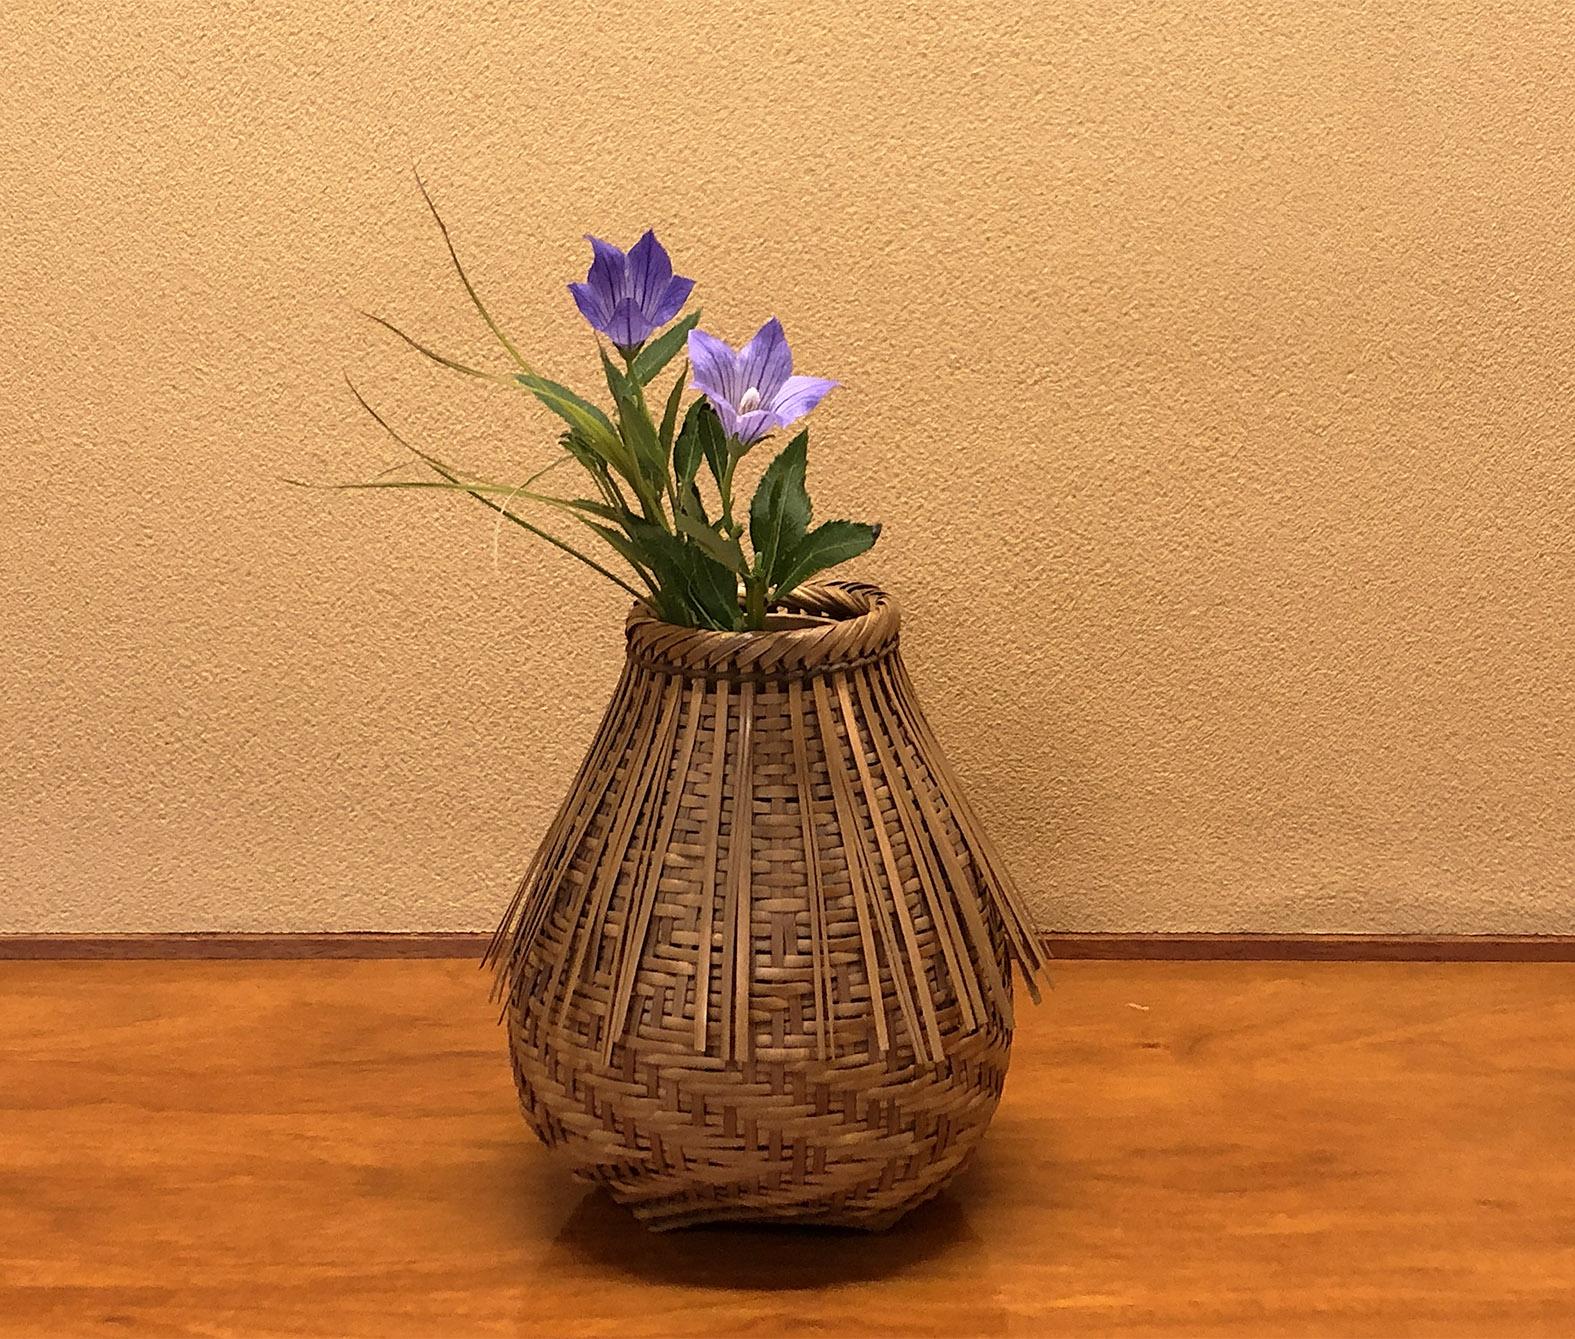 【今月の茶花】令和2年08月の茶花